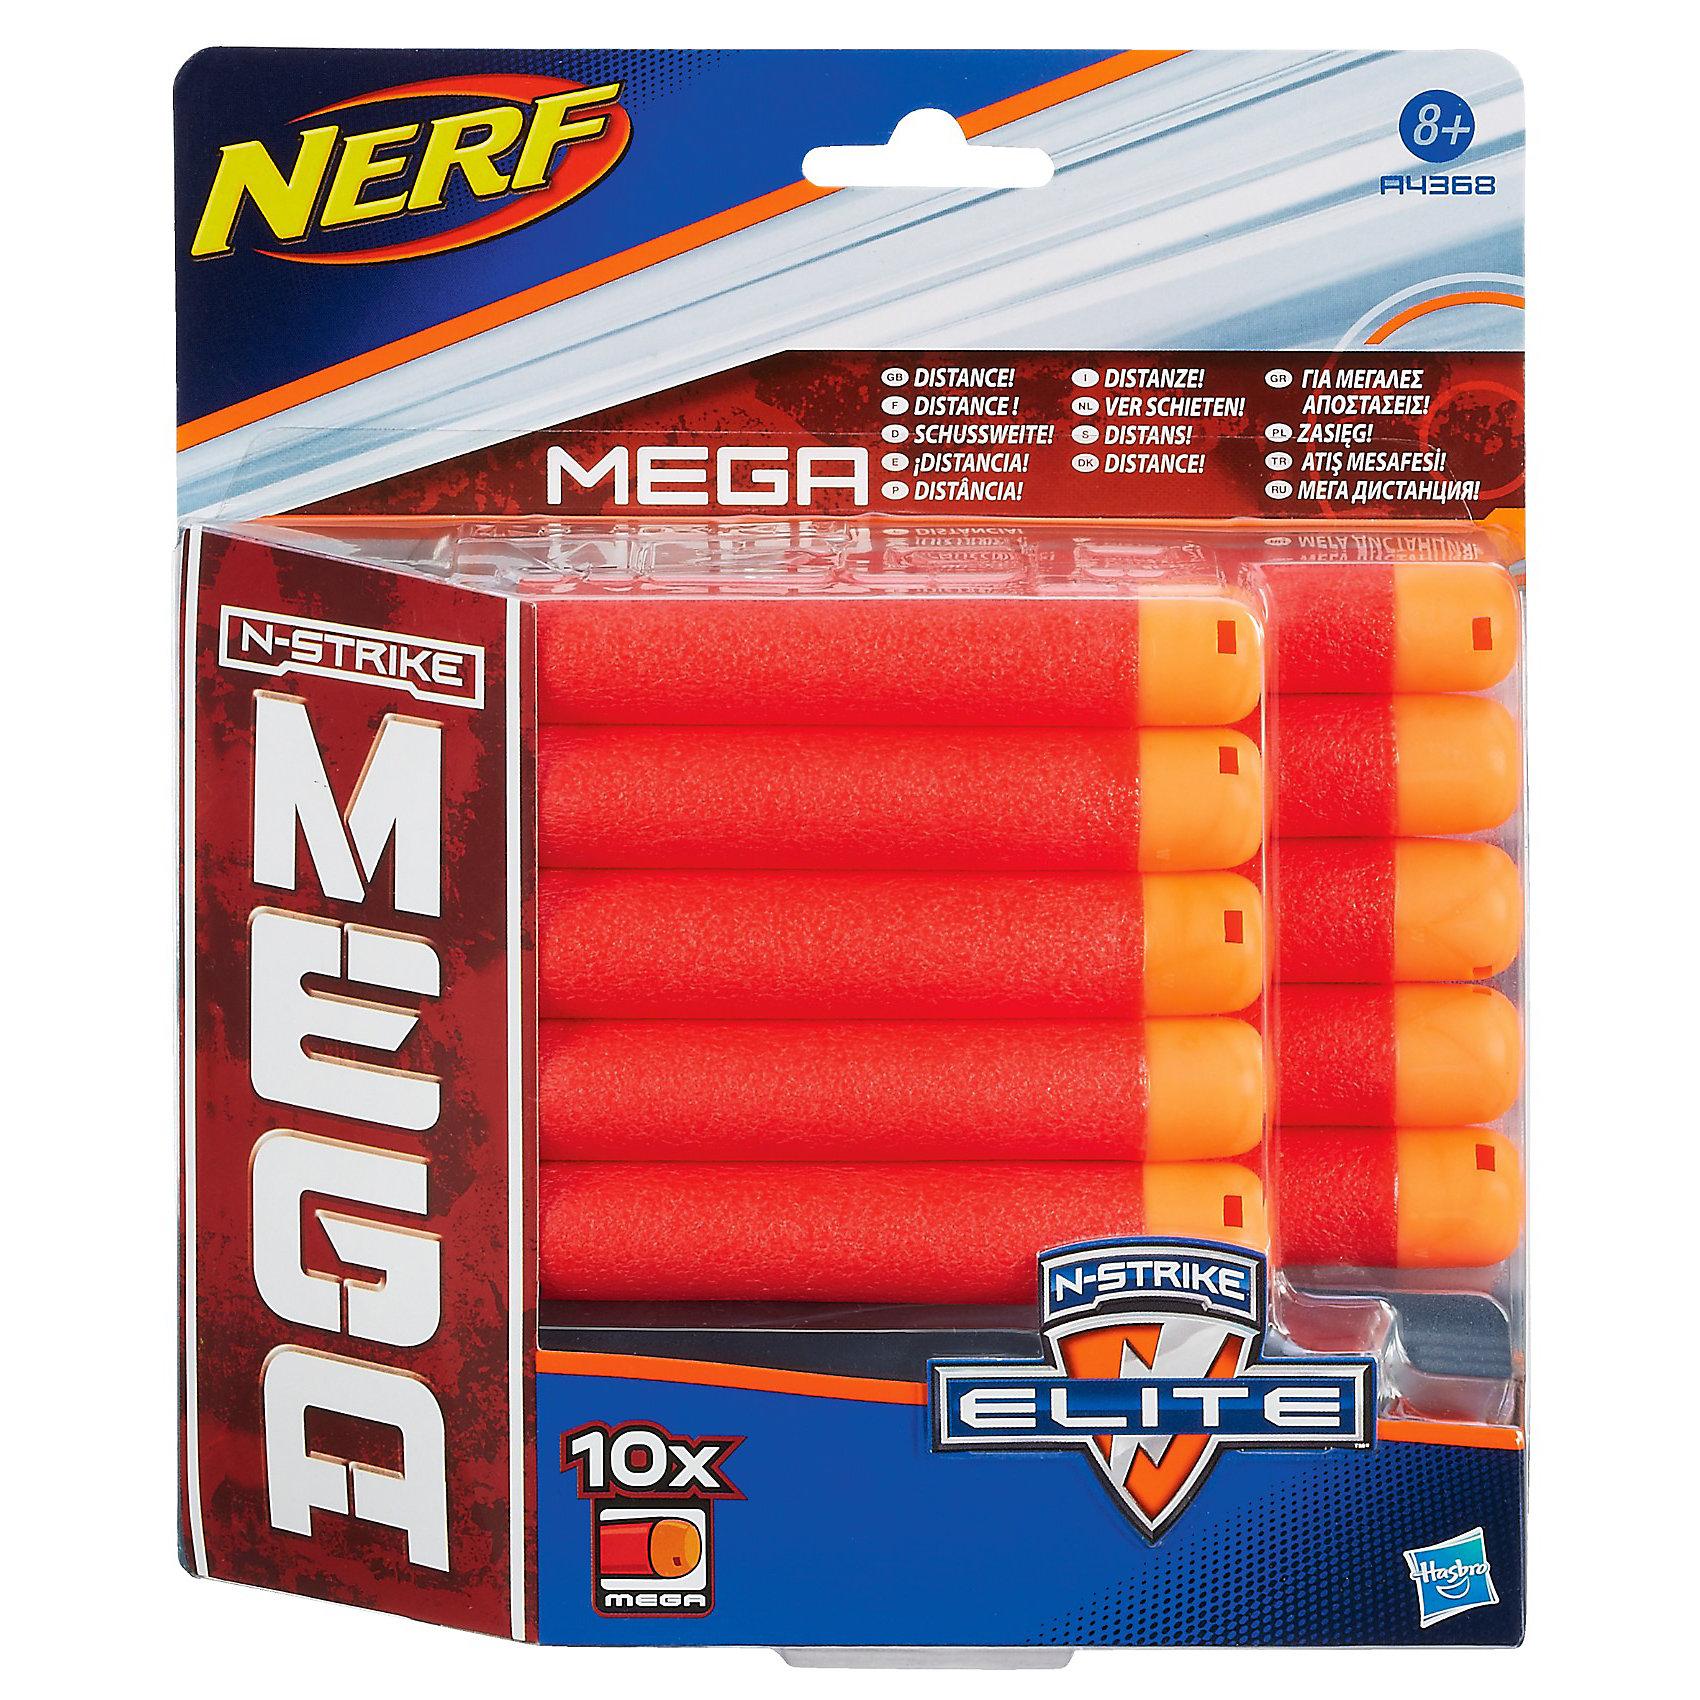 Комплект 10 стрел для бластеров МЕГА, NERFБластеры, пистолеты и прочее<br>Комплект 10 стрел для бластеров МЕГА, NERF подходит к любому бластеру серии МЕГА. Стрелы с мягким прорезиненным наконечником выполнены из высококачественного пластика. <br><br>Дополнительная информация:<br><br>- 10 стрел в комплекте<br>- Размер стрелы: 7.5 см<br>- Пластик, резина<br><br>Комплект 10 стрел для бластеров МЕГА, NERF (Нерф) можно купить в нашем магазине.<br><br>Ширина мм: 211<br>Глубина мм: 177<br>Высота мм: 45<br>Вес г: 84<br>Возраст от месяцев: 96<br>Возраст до месяцев: 144<br>Пол: Мужской<br>Возраст: Детский<br>SKU: 3405526